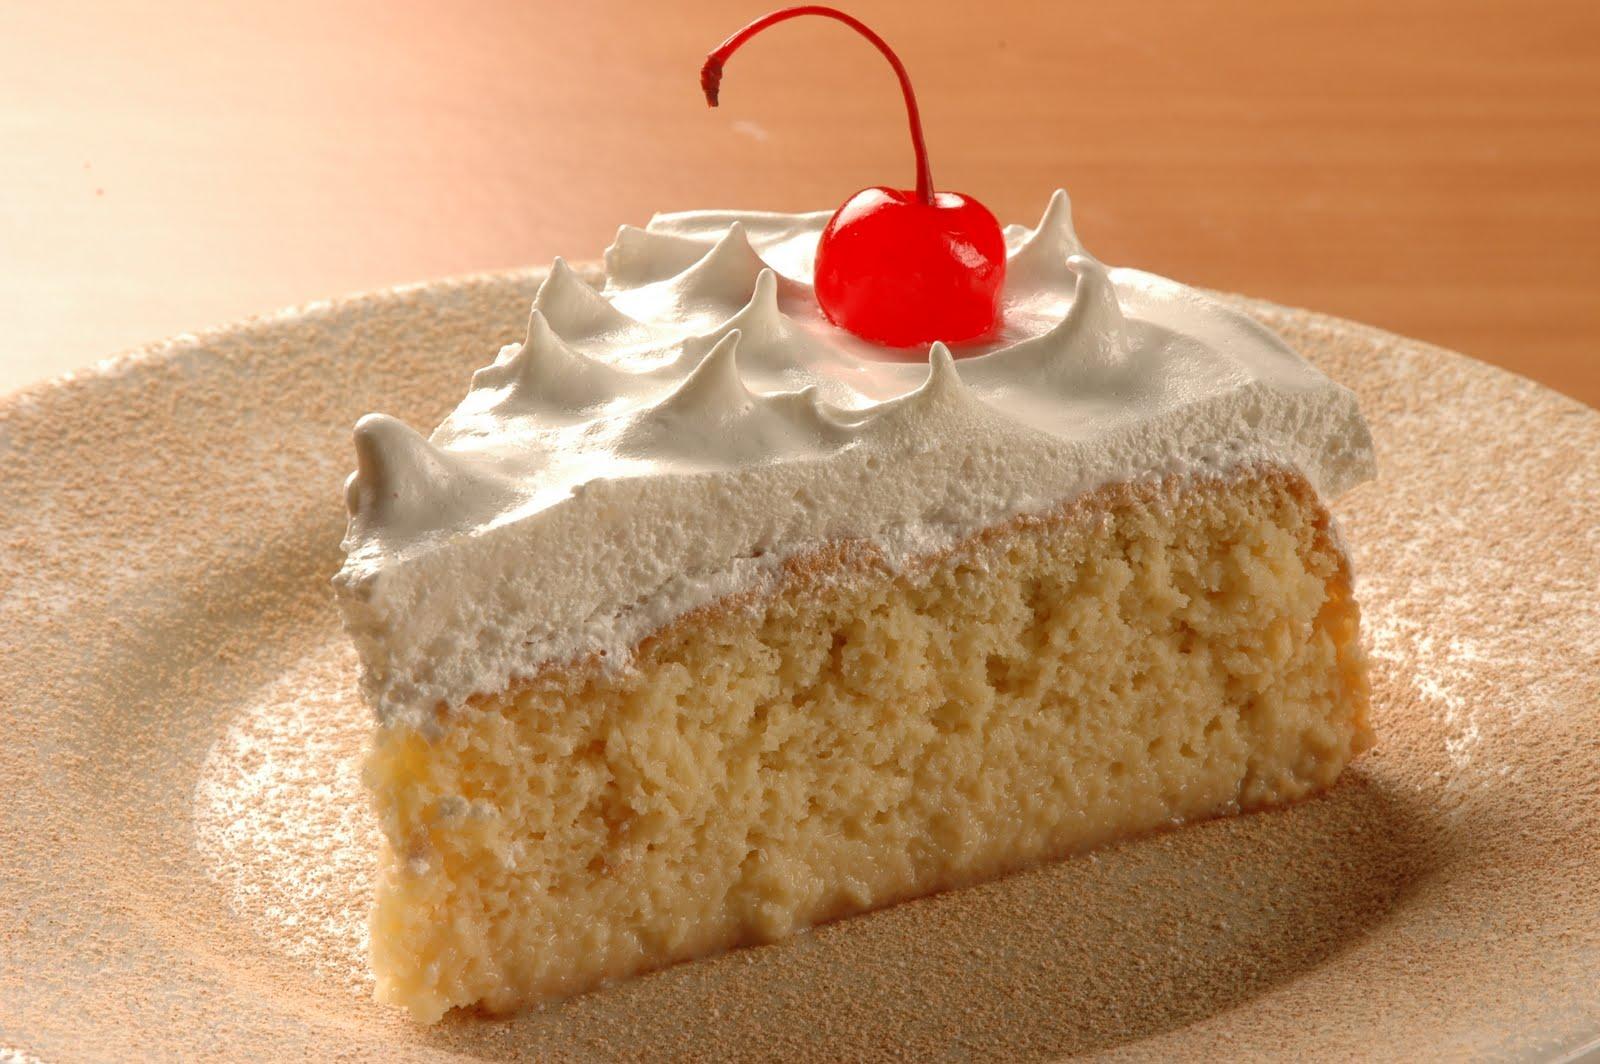 les ofrecemos alta calidad y variedad en pasteles frios a precios que ...